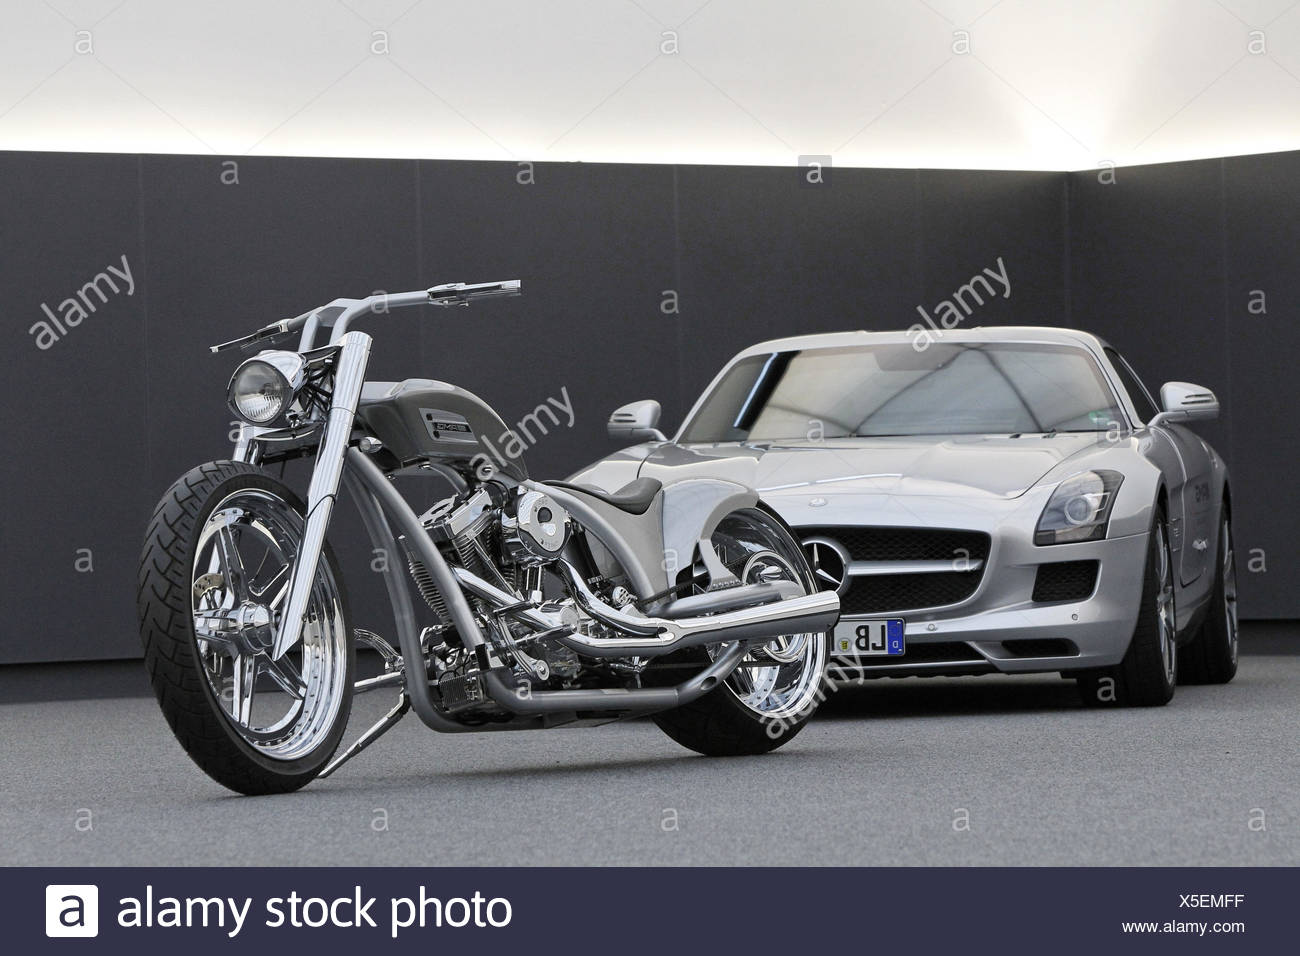 Motorcycle chopper AMG by car Mercedes AMG Wing door model SLS silver & Motorcycle chopper AMG by car Mercedes AMG Wing door model SLS ...